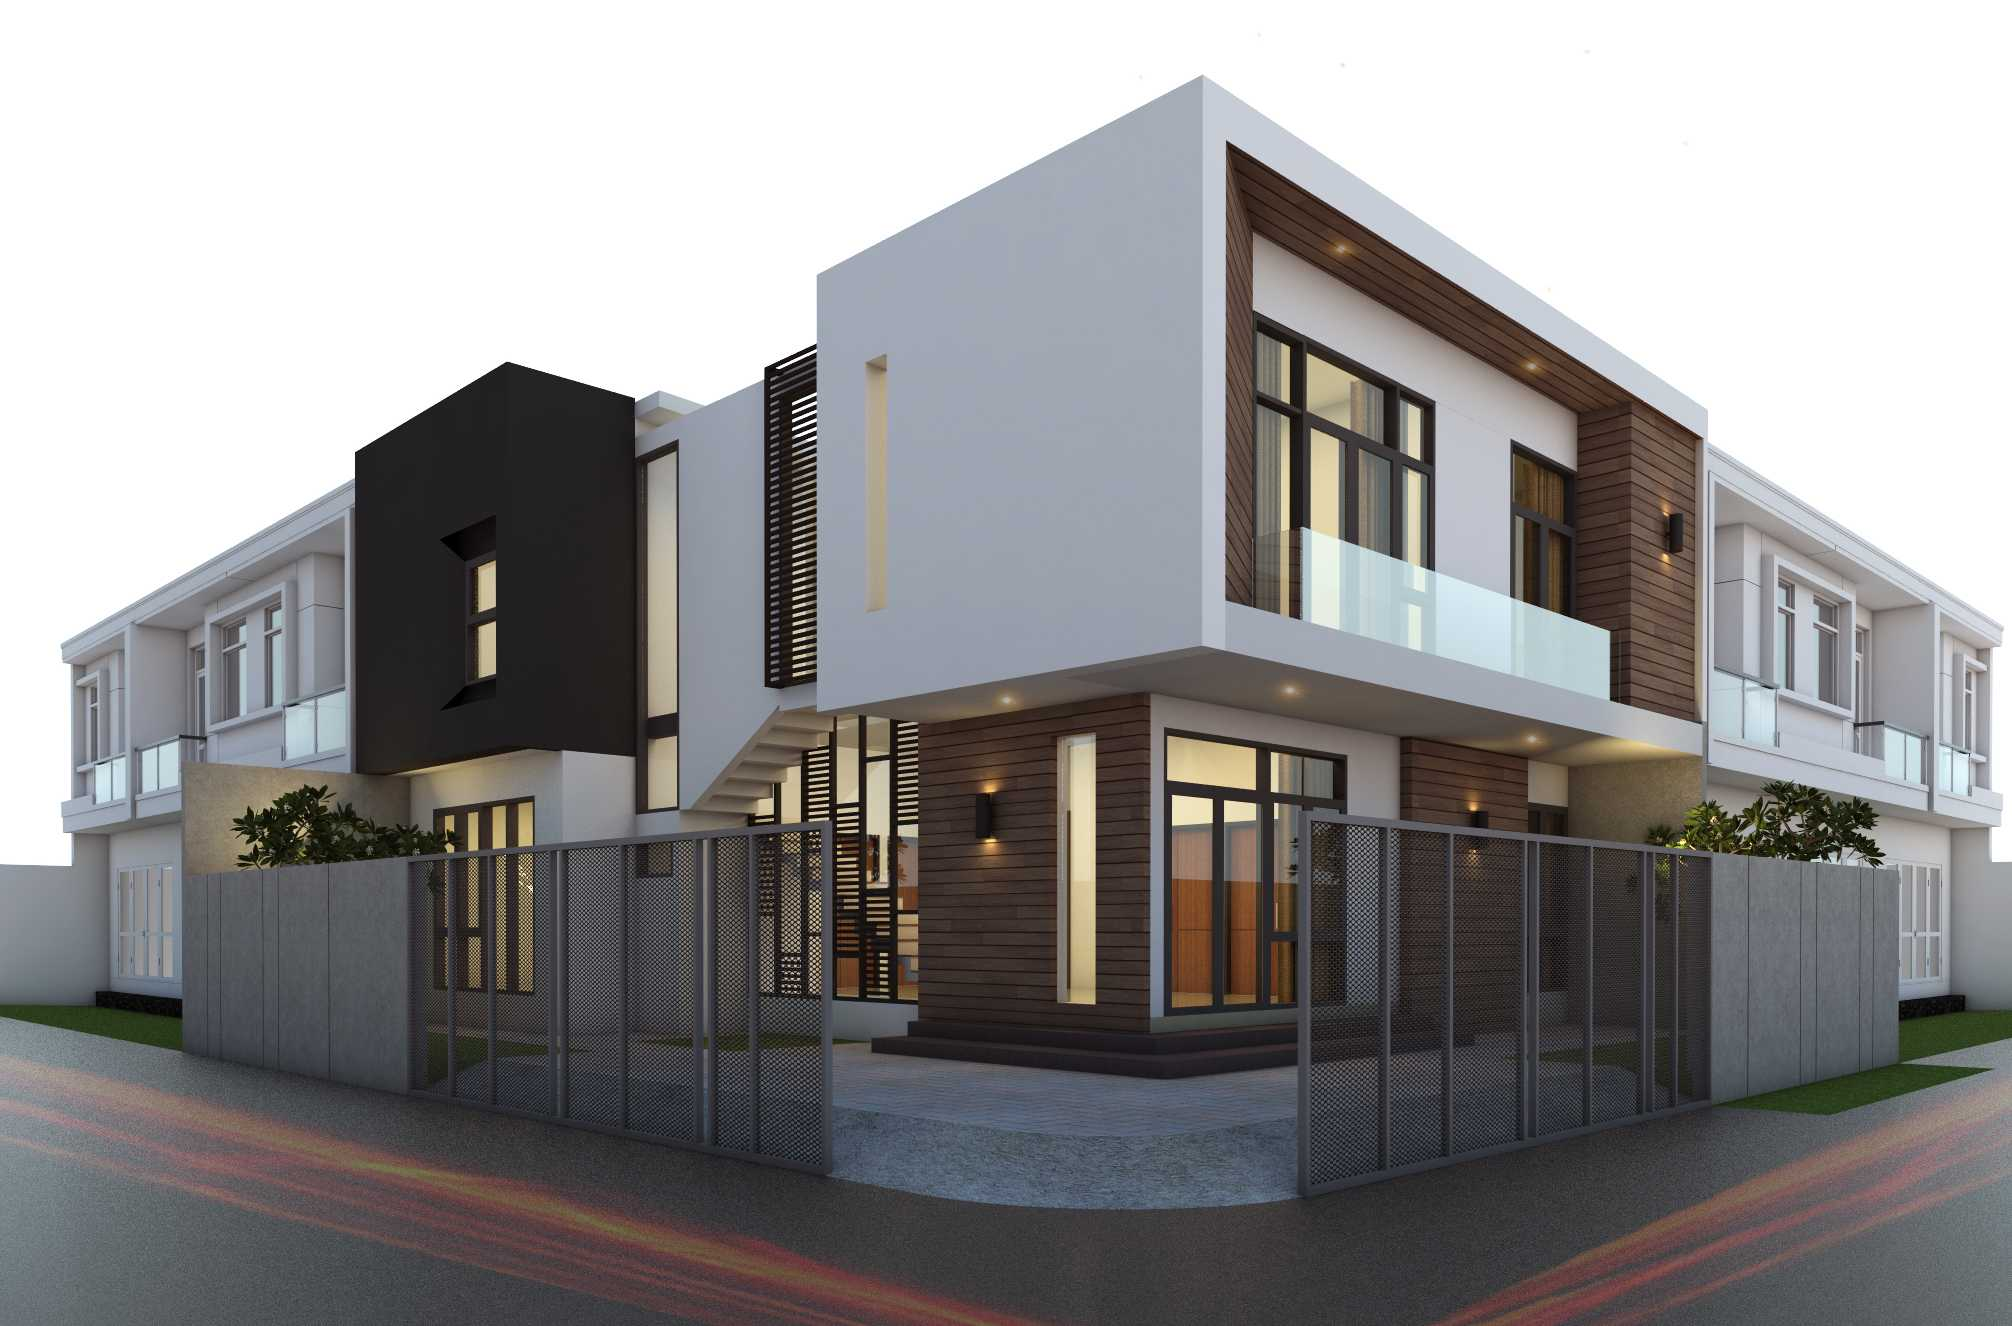 Arsatama Architect Aurum-House Purwodadi, Kabupaten Grobogan, Jawa Tengah, Indonesia Purwodadi, Kabupaten Grobogan, Jawa Tengah, Indonesia Arsatama-Architect-Aurum-House Kontemporer  51673